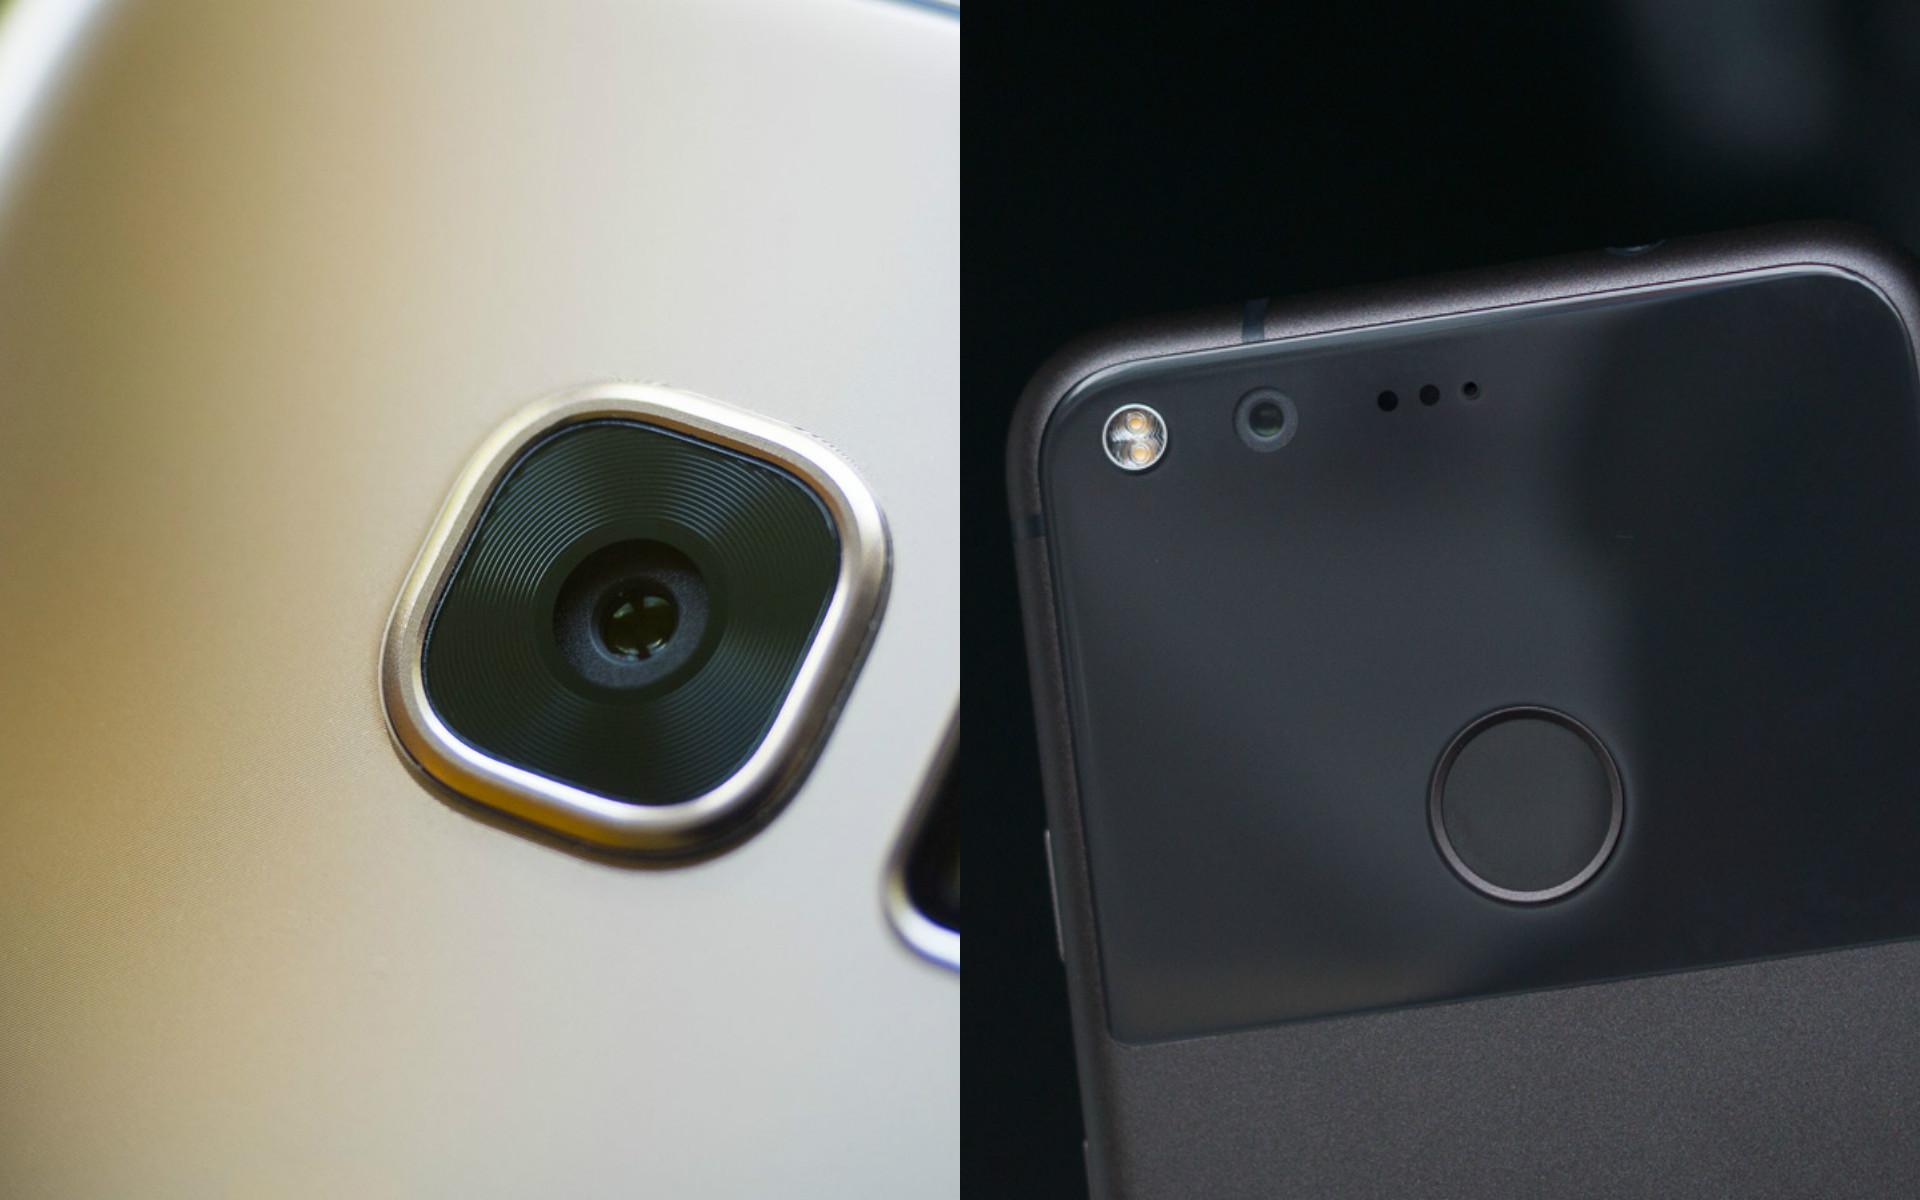 Google Pixel đọ camera với Samsung Galaxy S7